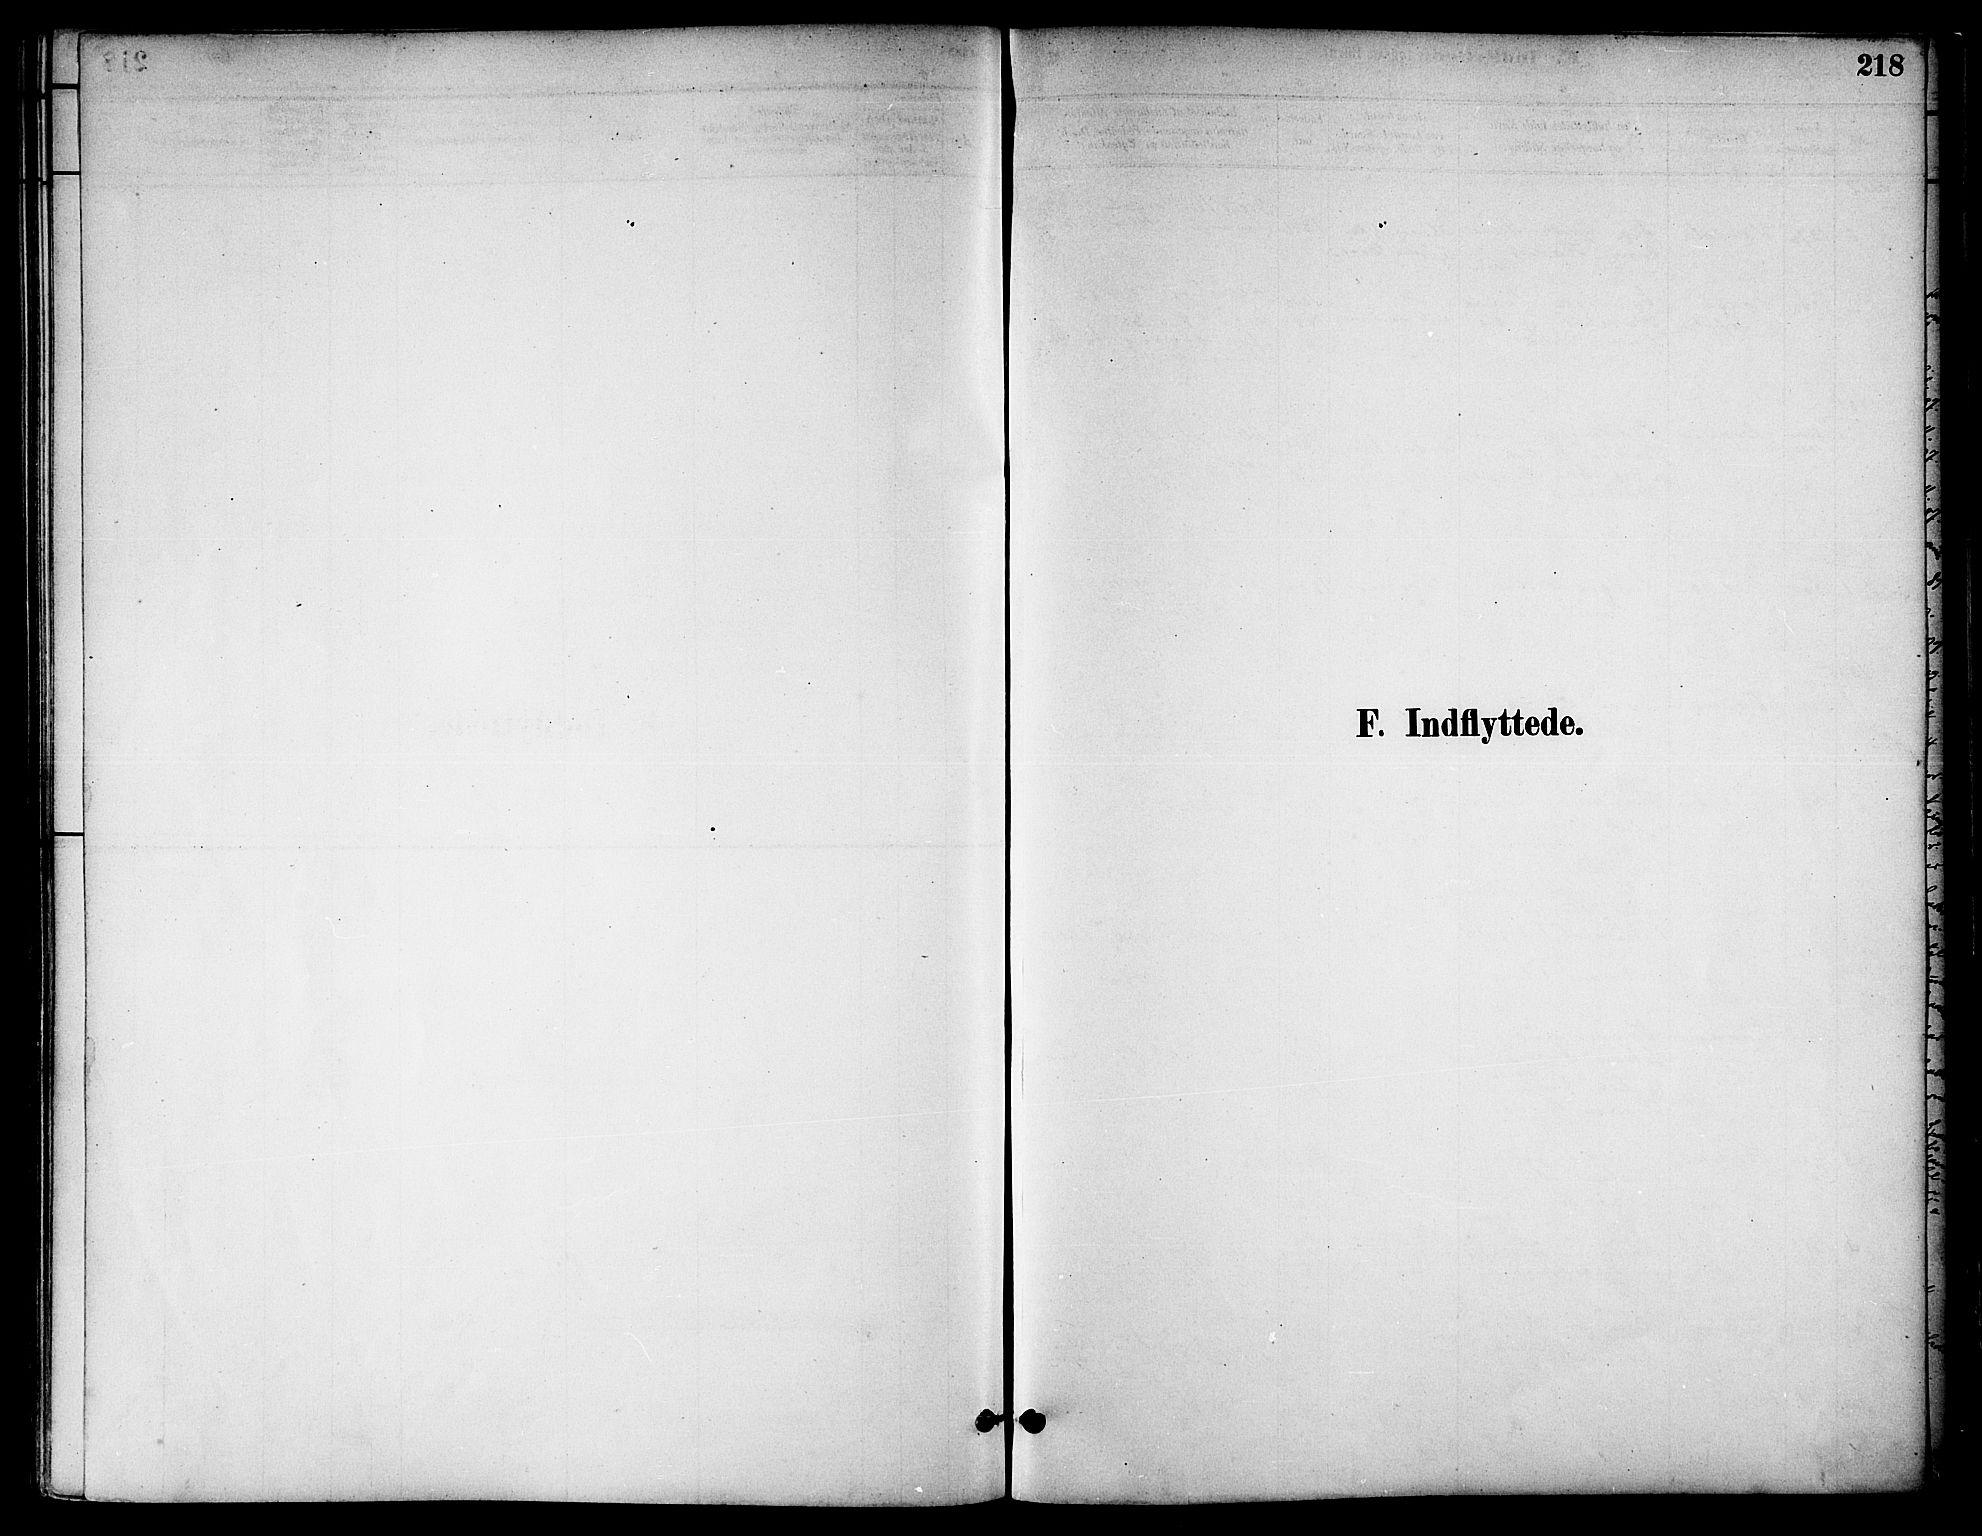 SAT, Ministerialprotokoller, klokkerbøker og fødselsregistre - Nord-Trøndelag, 739/L0371: Ministerialbok nr. 739A03, 1881-1895, s. 218